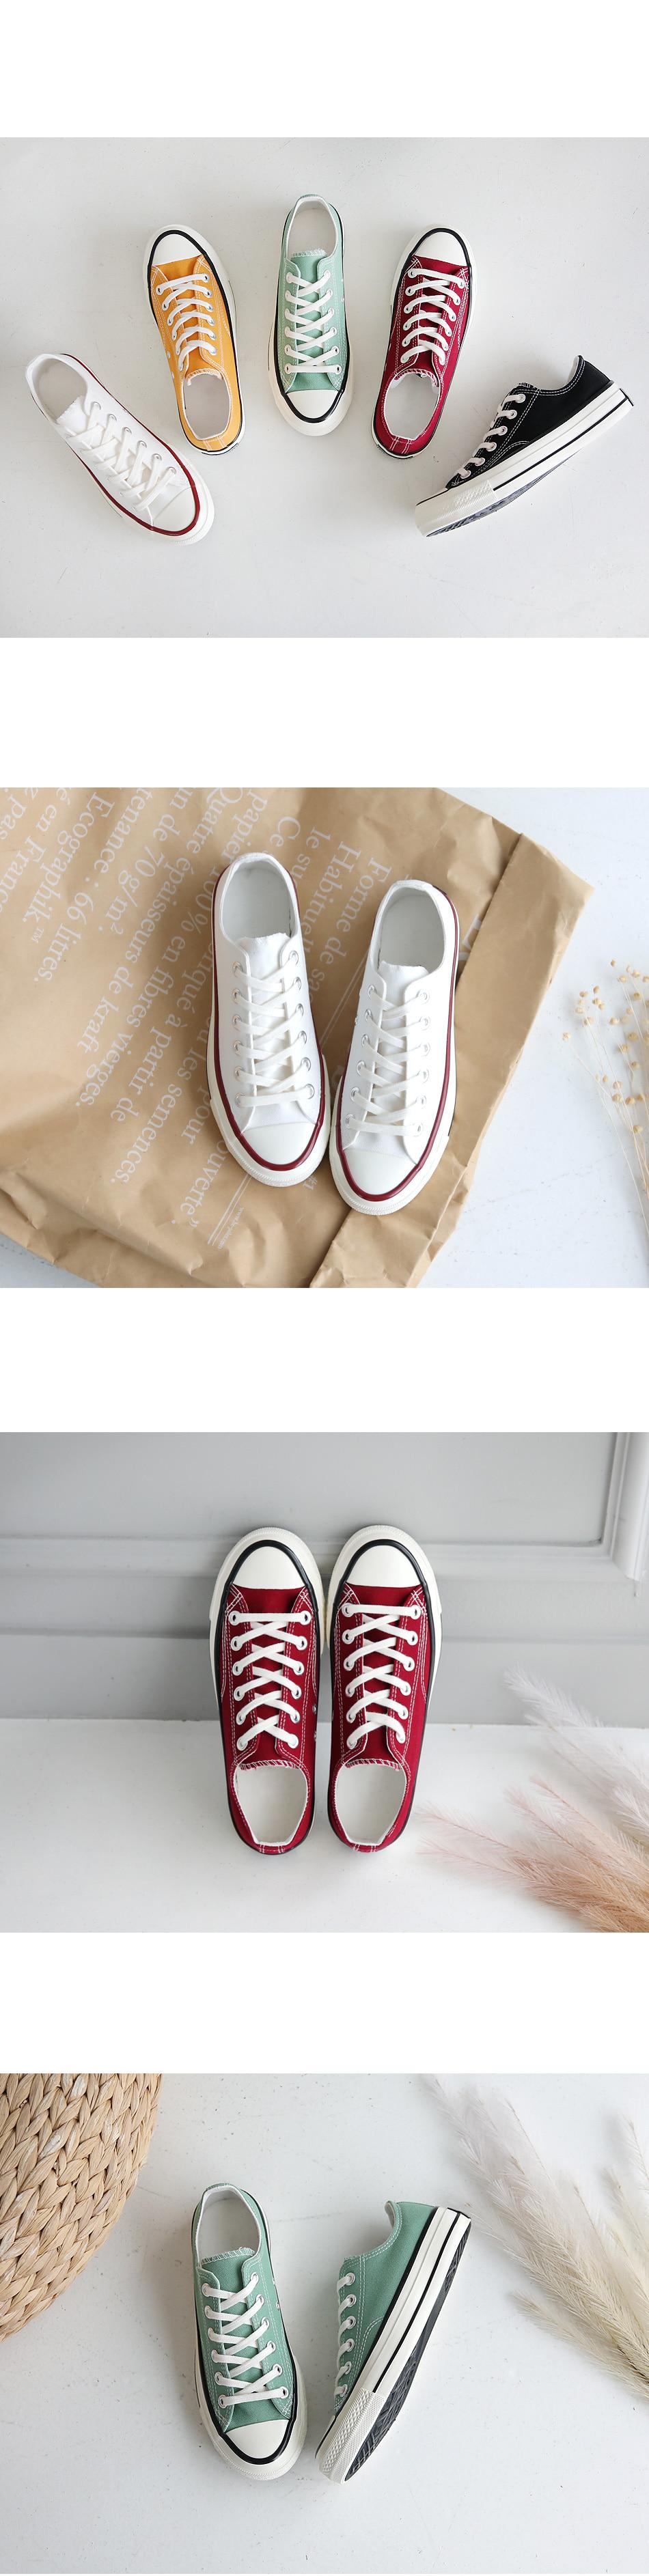 Kenbee sneakers 2.5cm